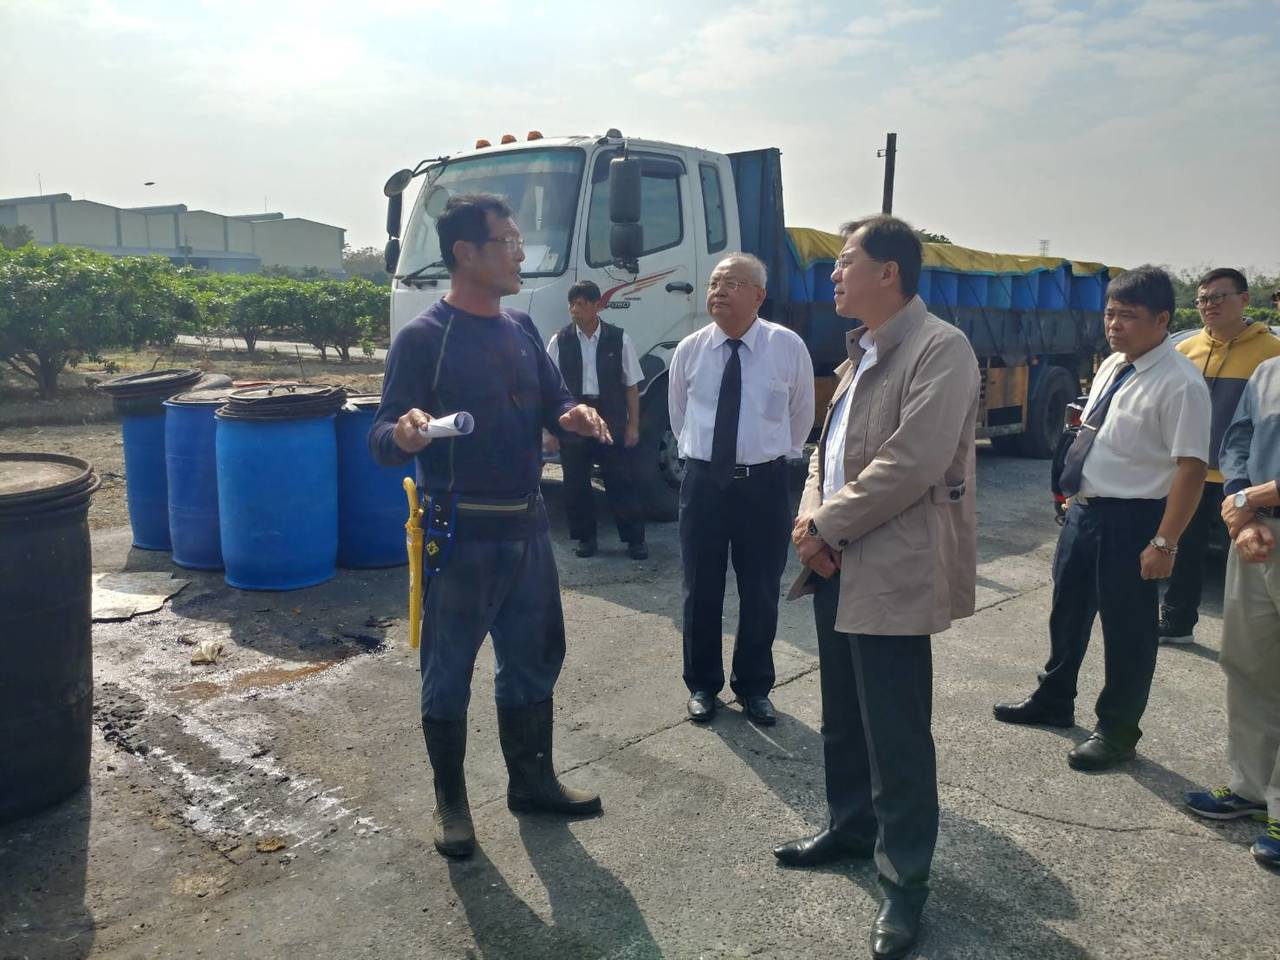 高雄市政府農業局長吳芳銘(前排右)查看轄內廚餘養豬場。圖/高雄市農業局提供